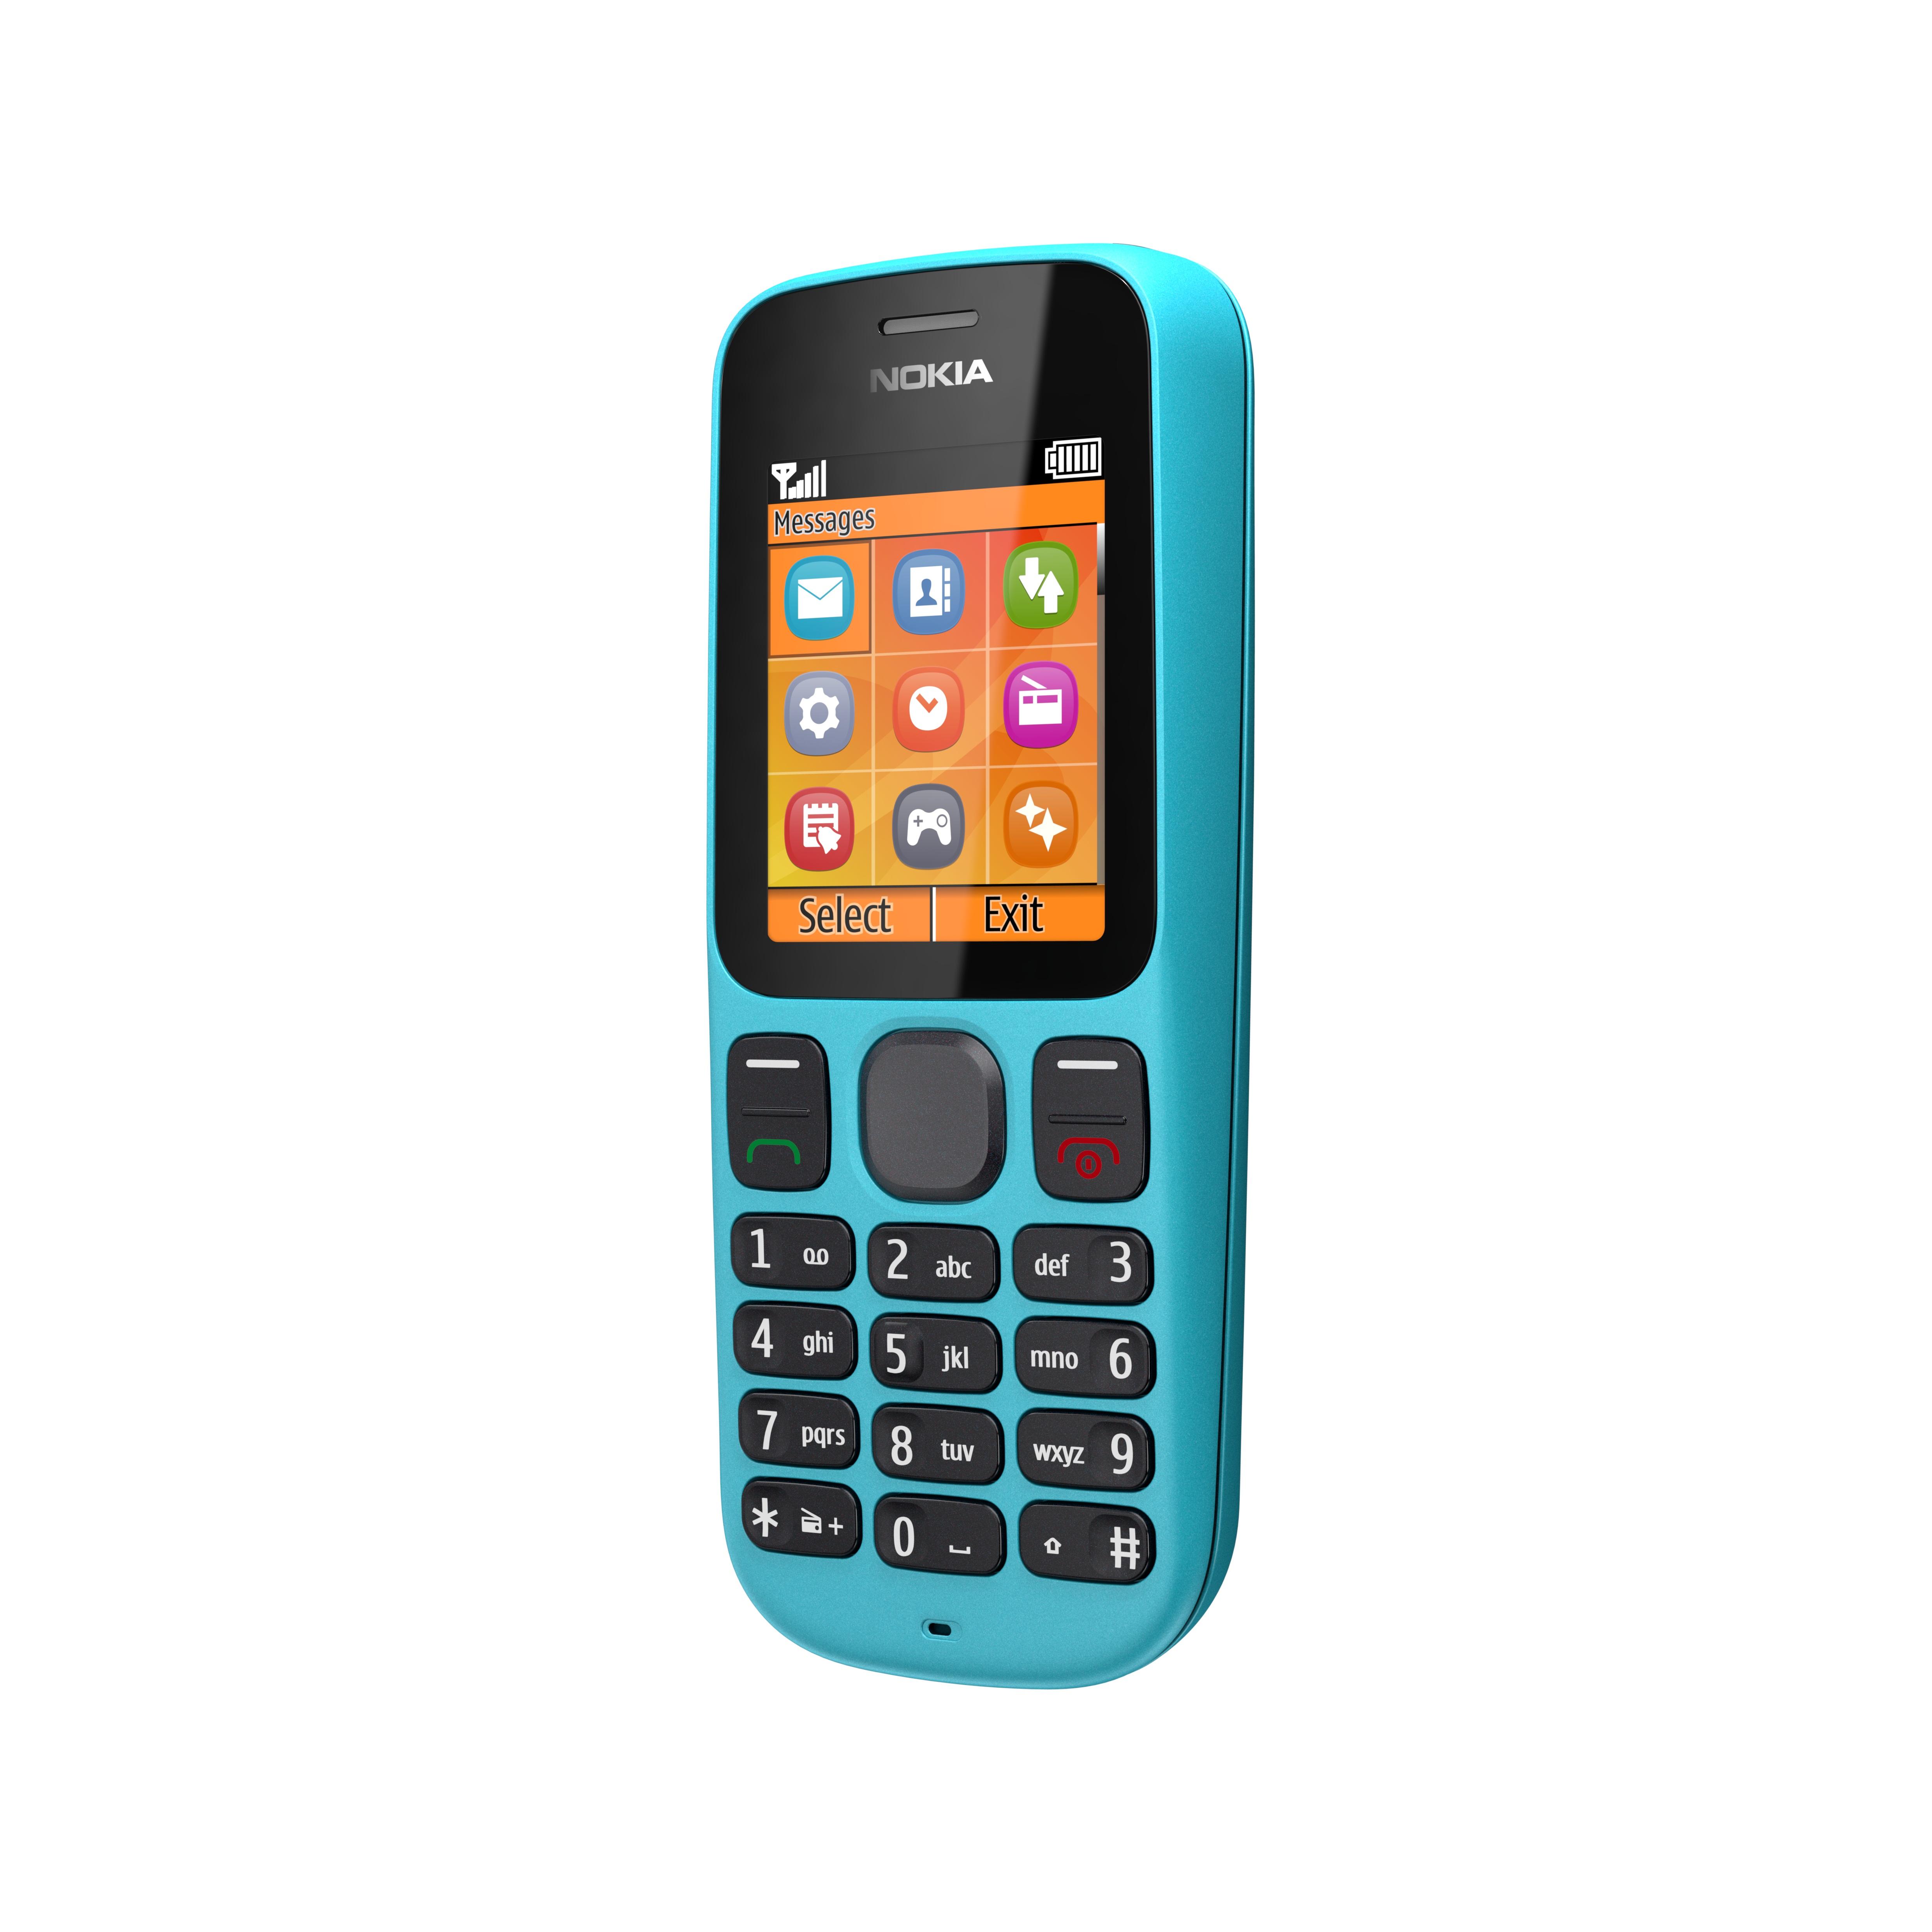 Nokia News Prworks Online 603 2gb White 100 Aqua Blue